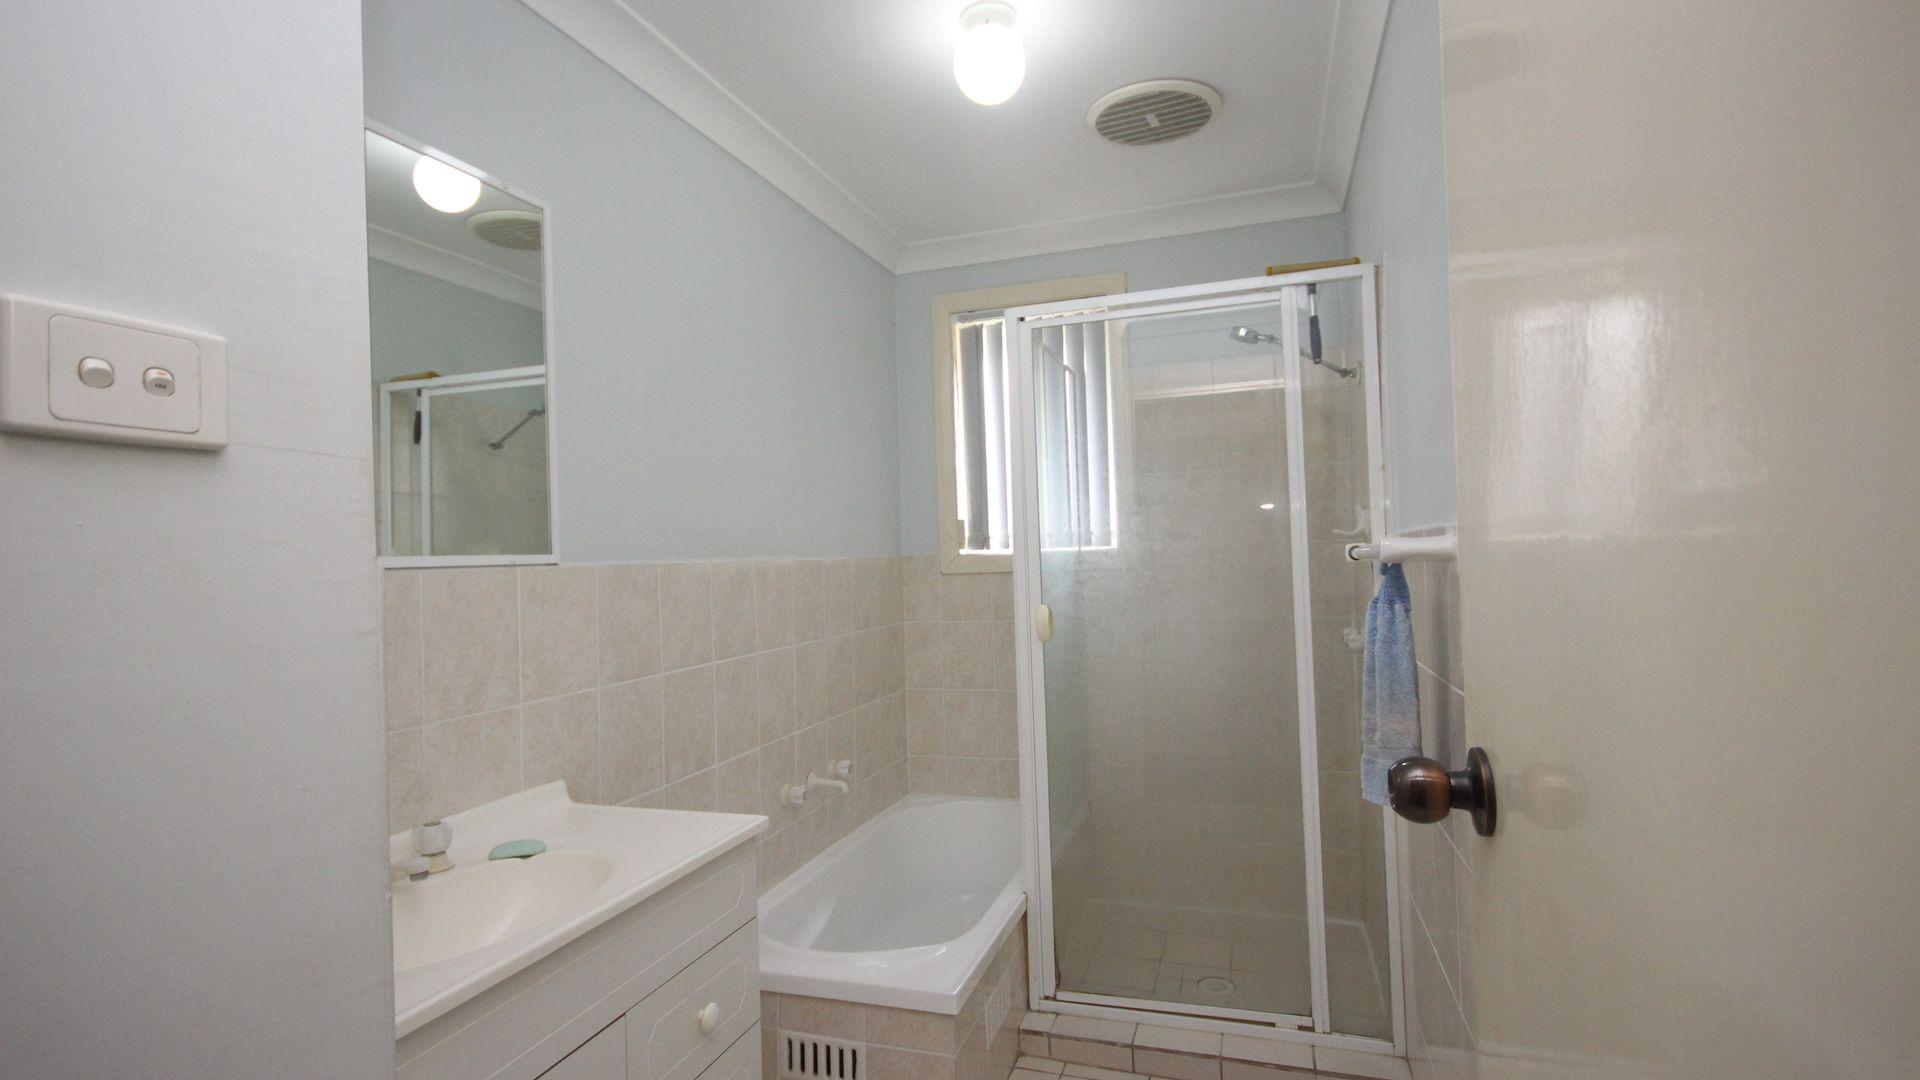 1/10 Morpeth Road, Waratah West NSW 2298, Image 2